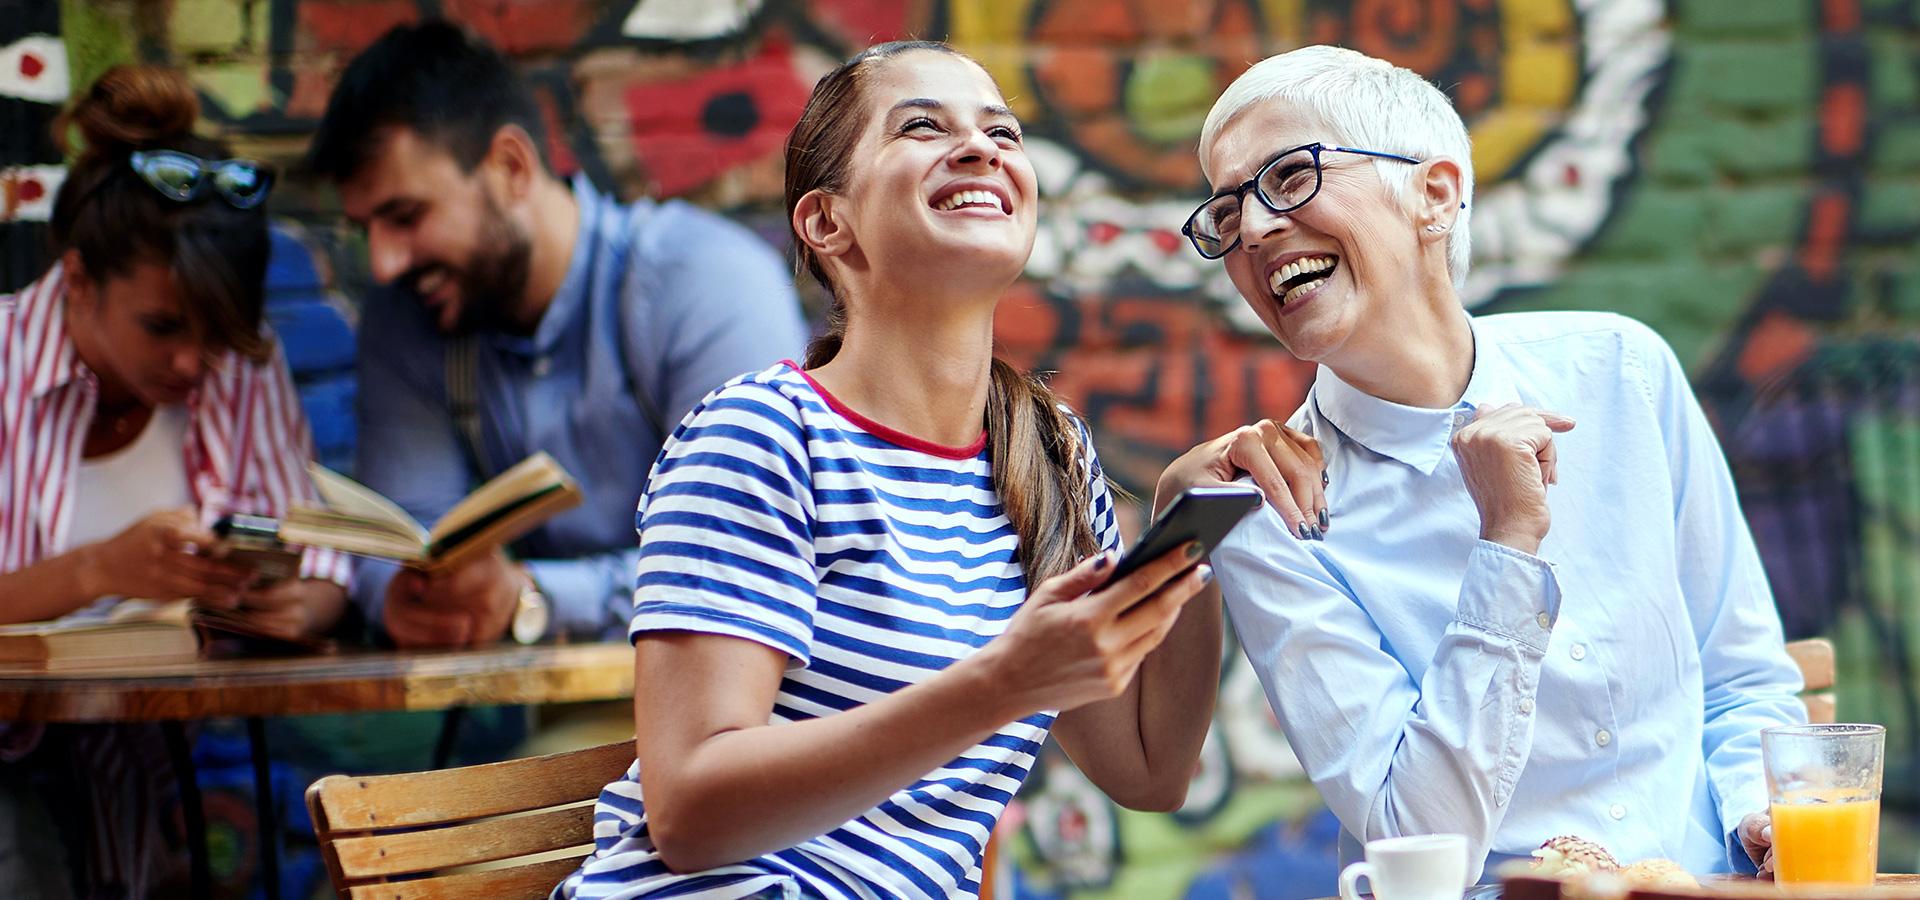 LINK Mobility - Großmutter und Enkelin sitzen im Freien in einem Cafe und lachen gemeinsam, während die jüngere Dame ihr Smartphone nutzt